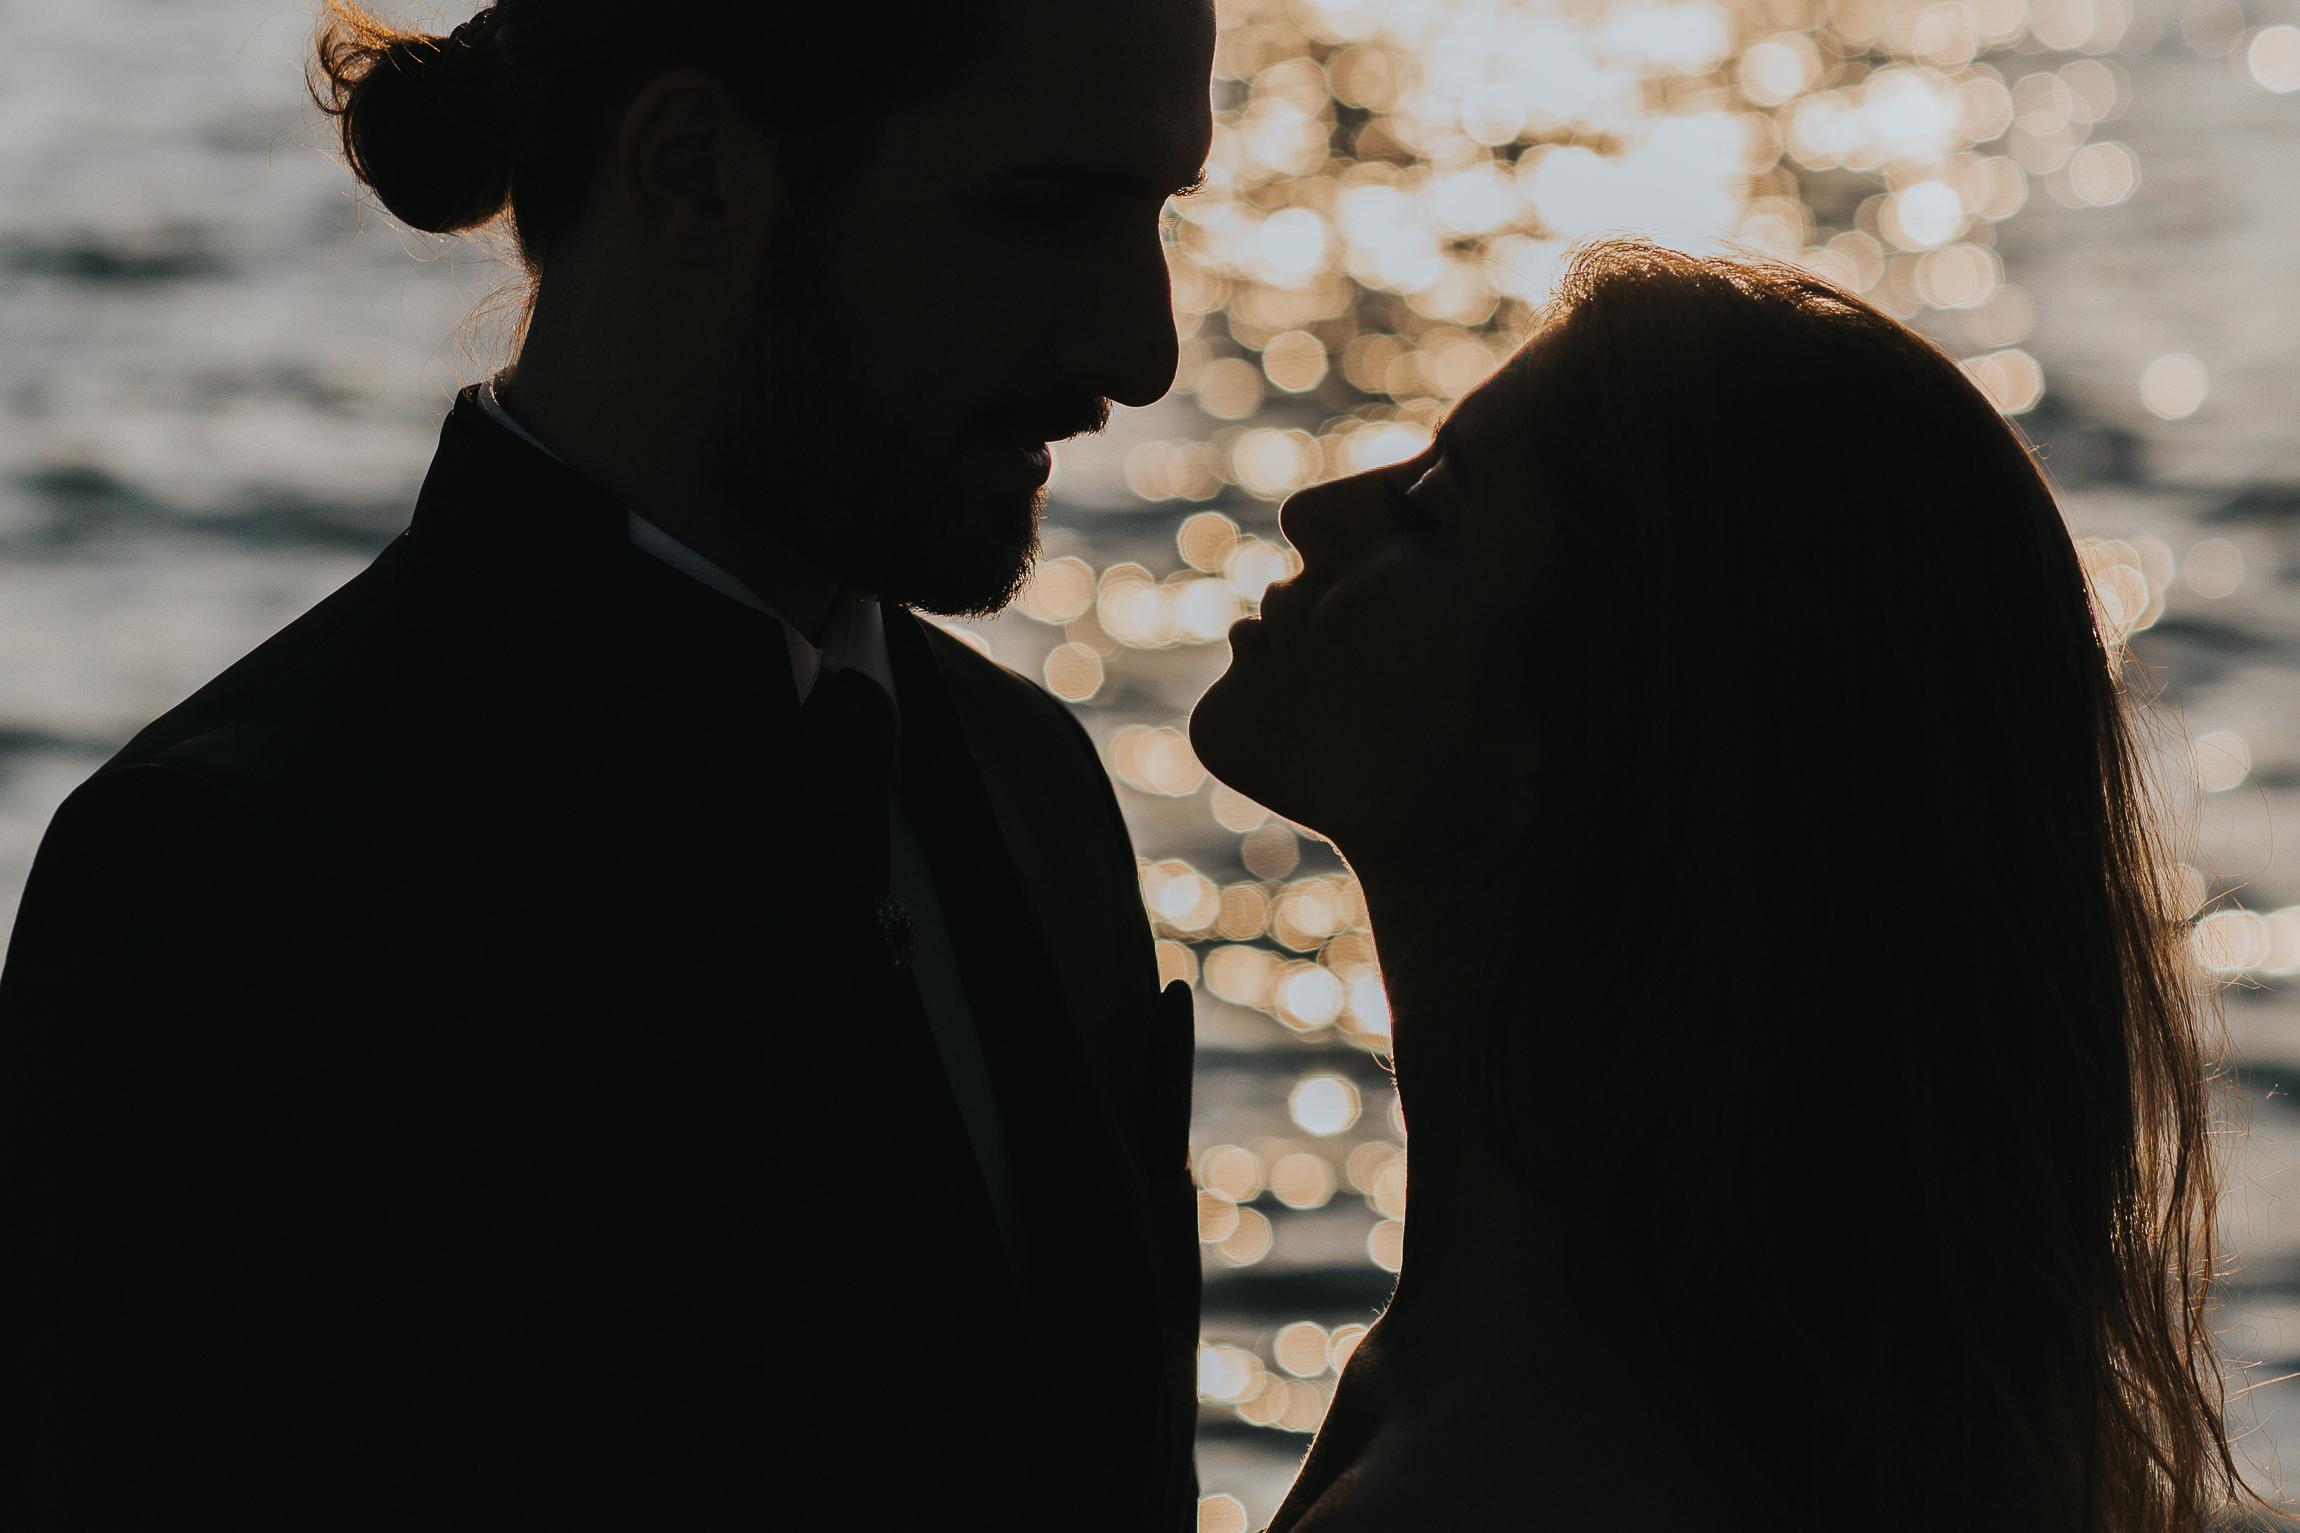 Servizio di coppia a Venezia. Serena & David. Il Blog di Michelino Studio, Fotografo di matrimonio in Veneto. Serena-David-29.jpg